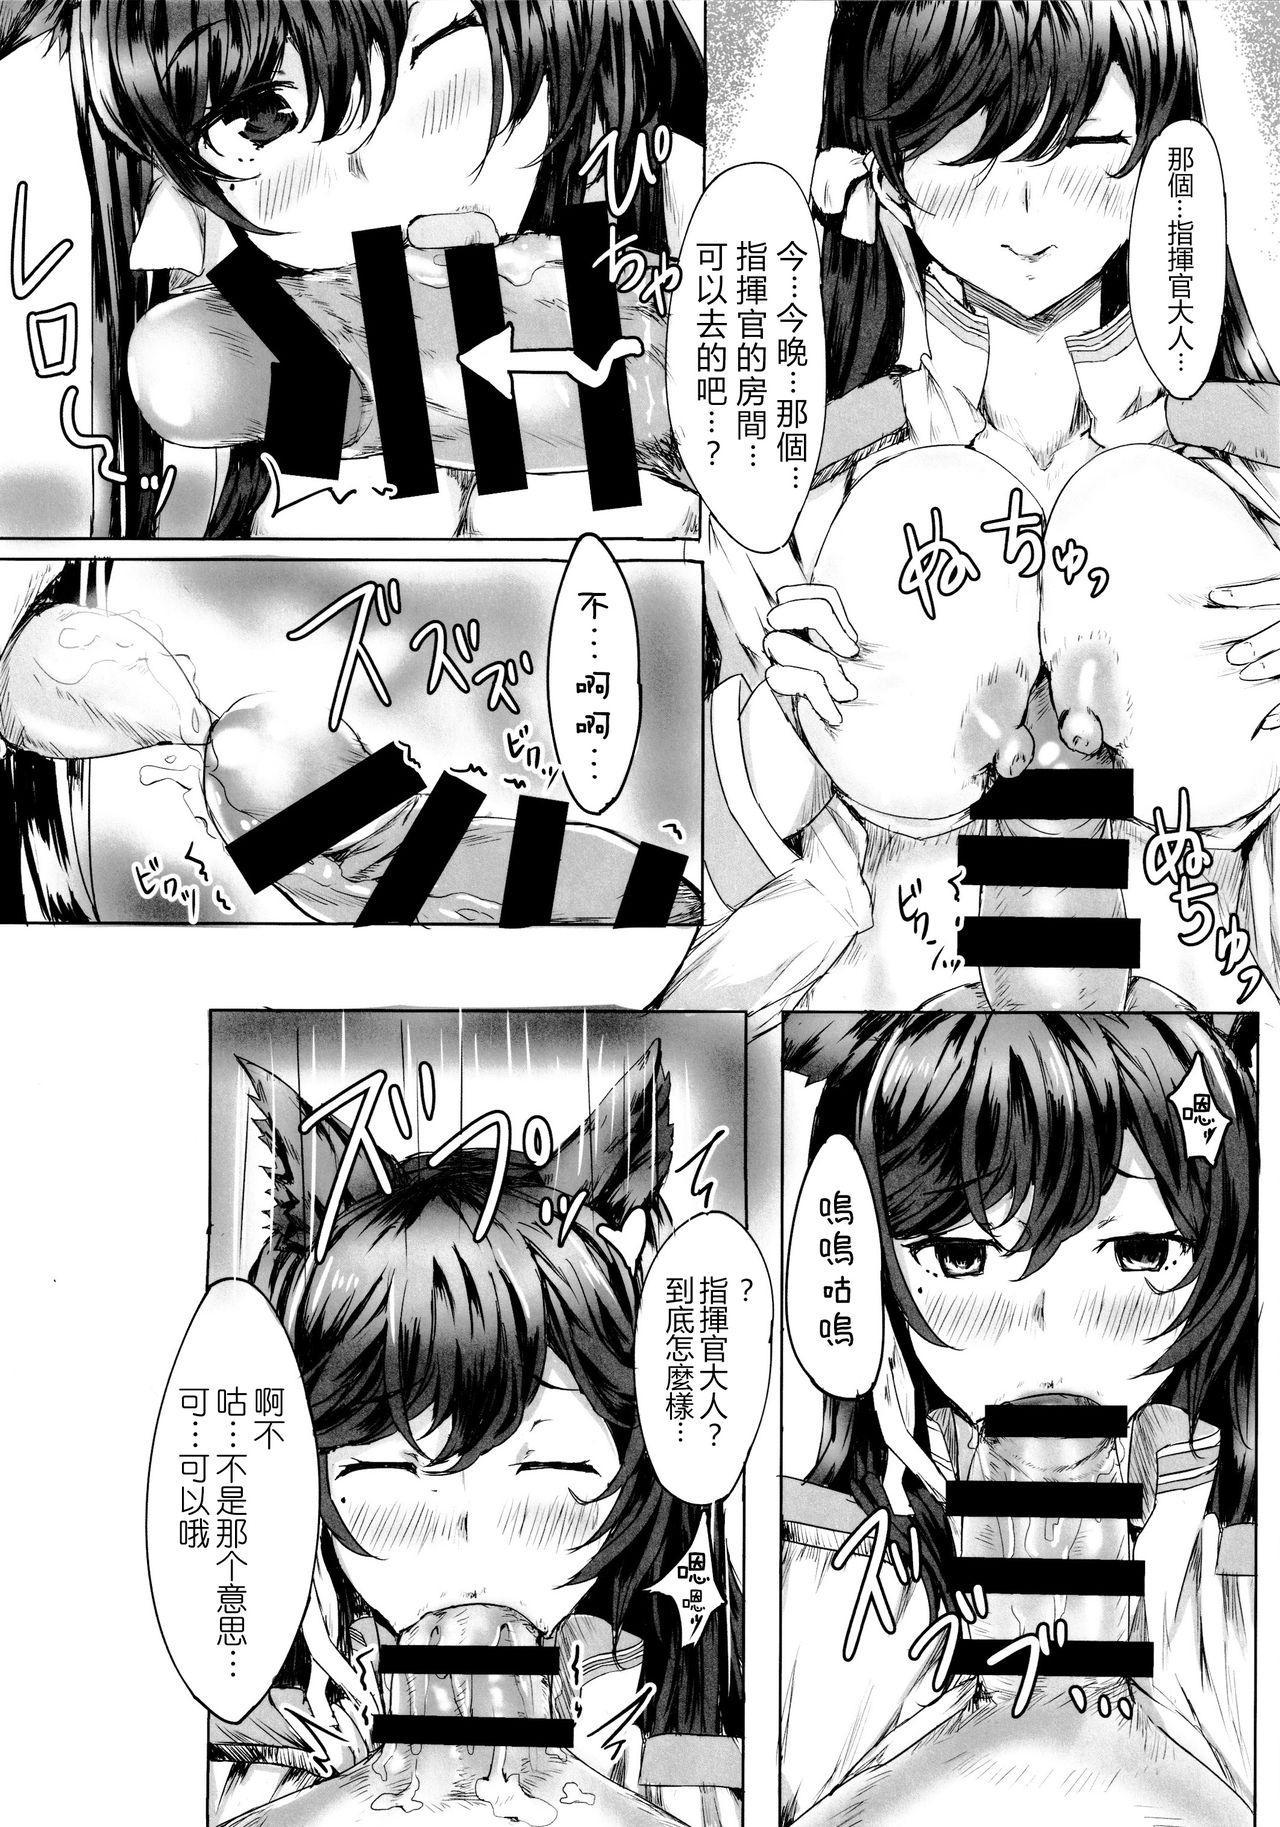 Onee-san ga Shiboritotte Ageru 5